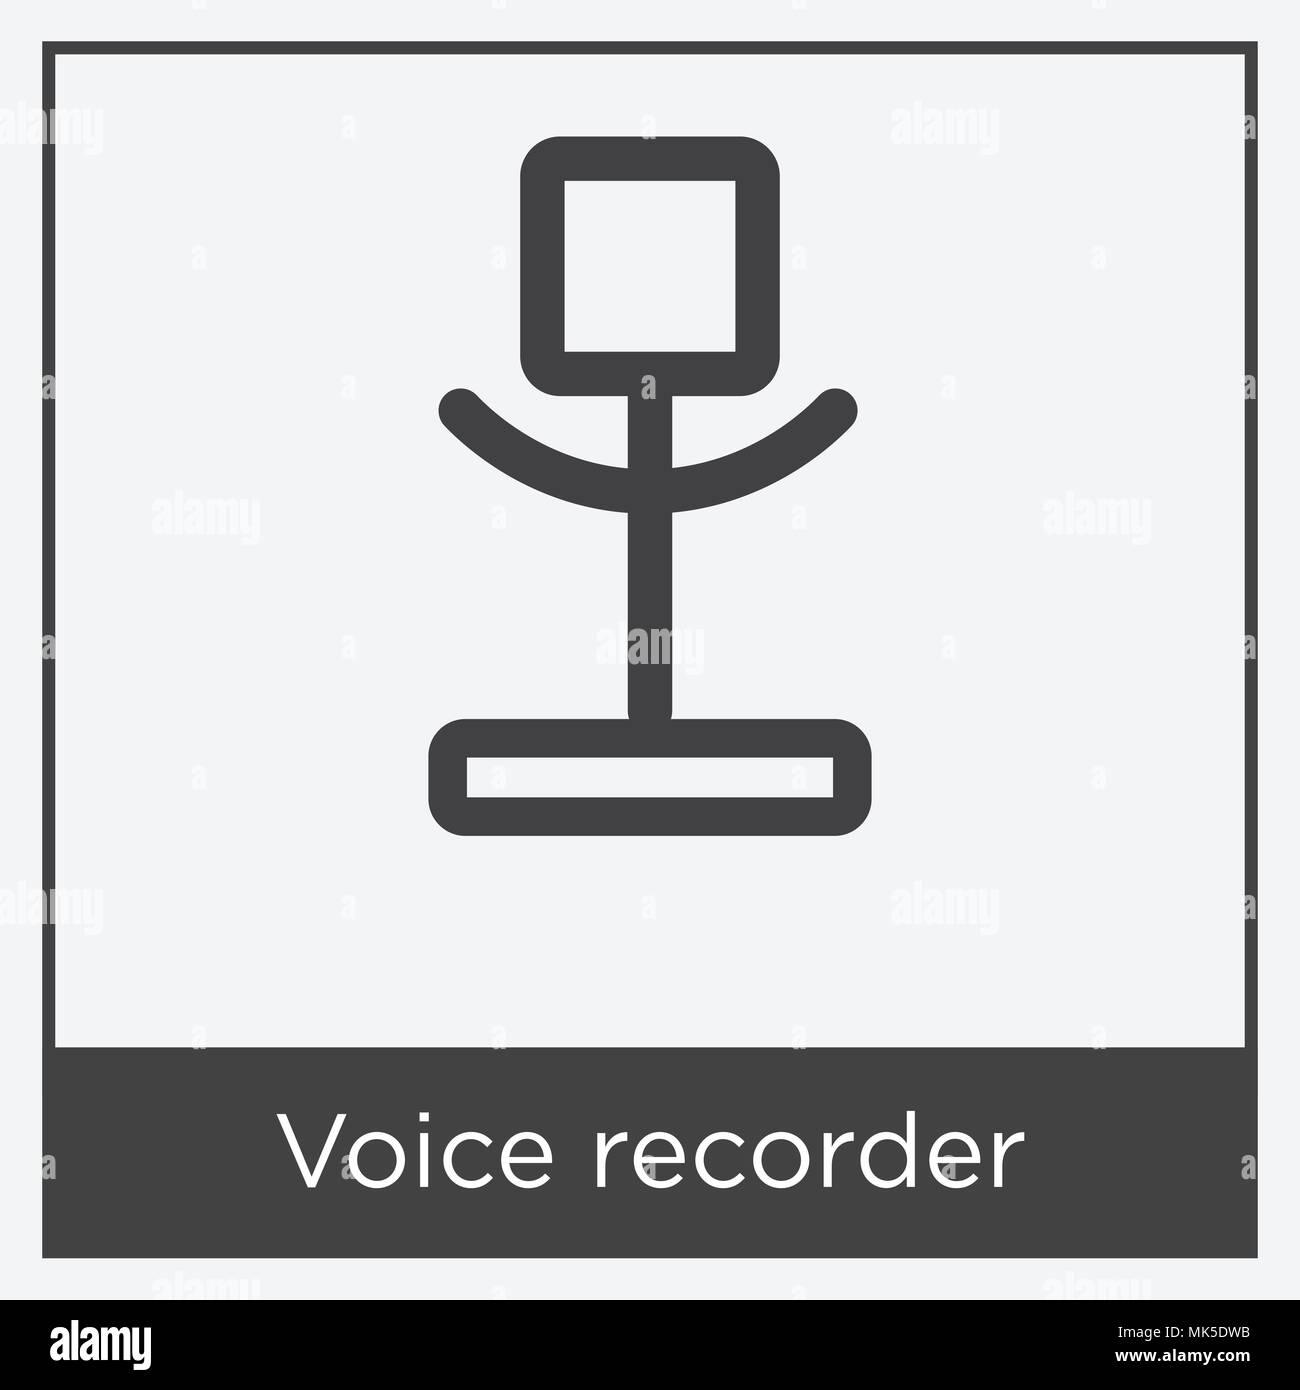 Radio Recorder Imágenes De Stock & Radio Recorder Fotos De Stock ...